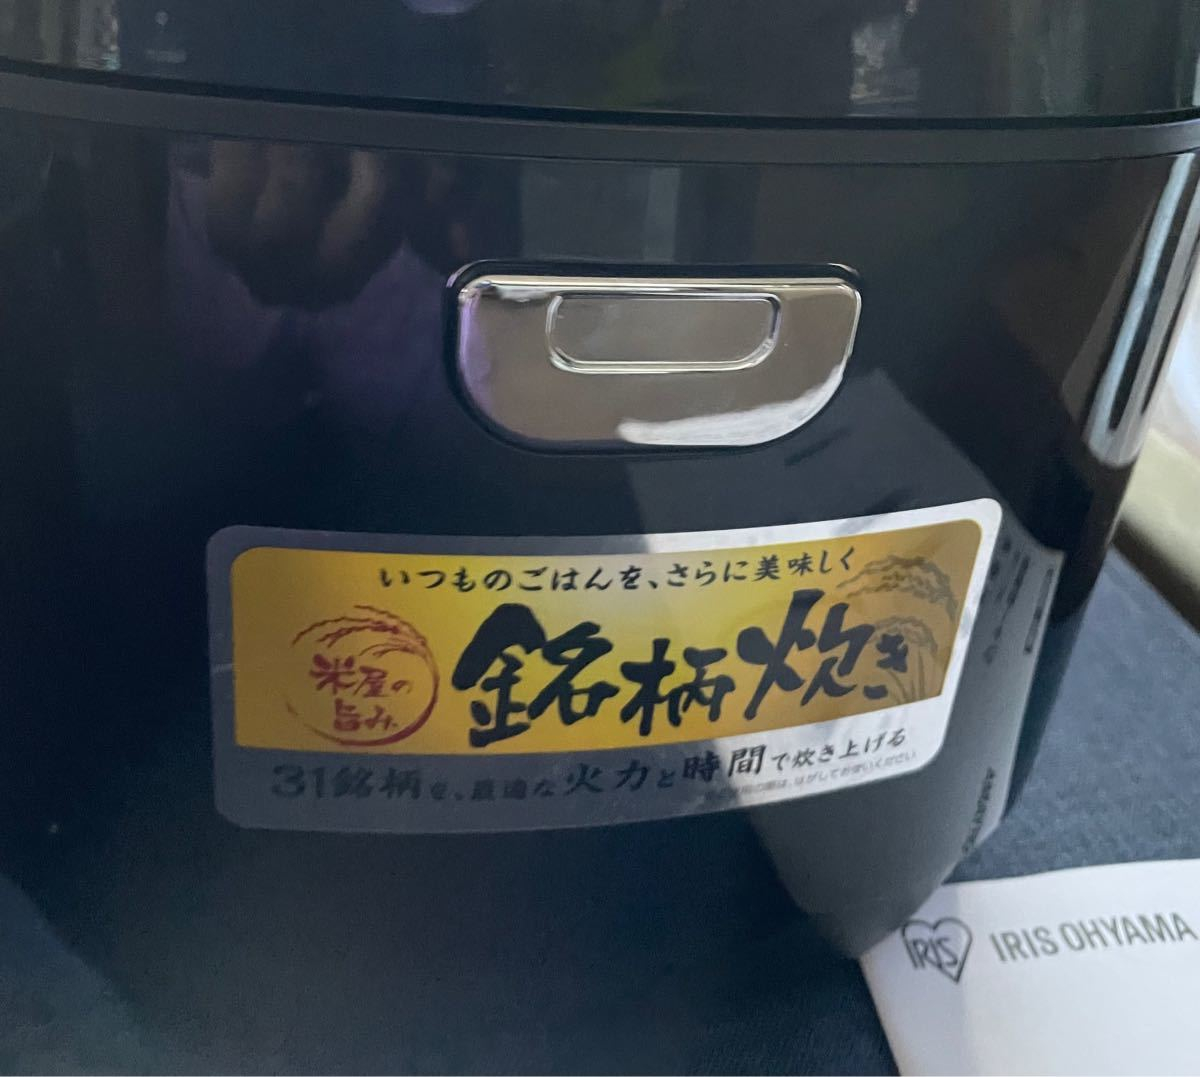 ★アイリスオーヤマ炊飯器 10合炊き MC10型 完動品